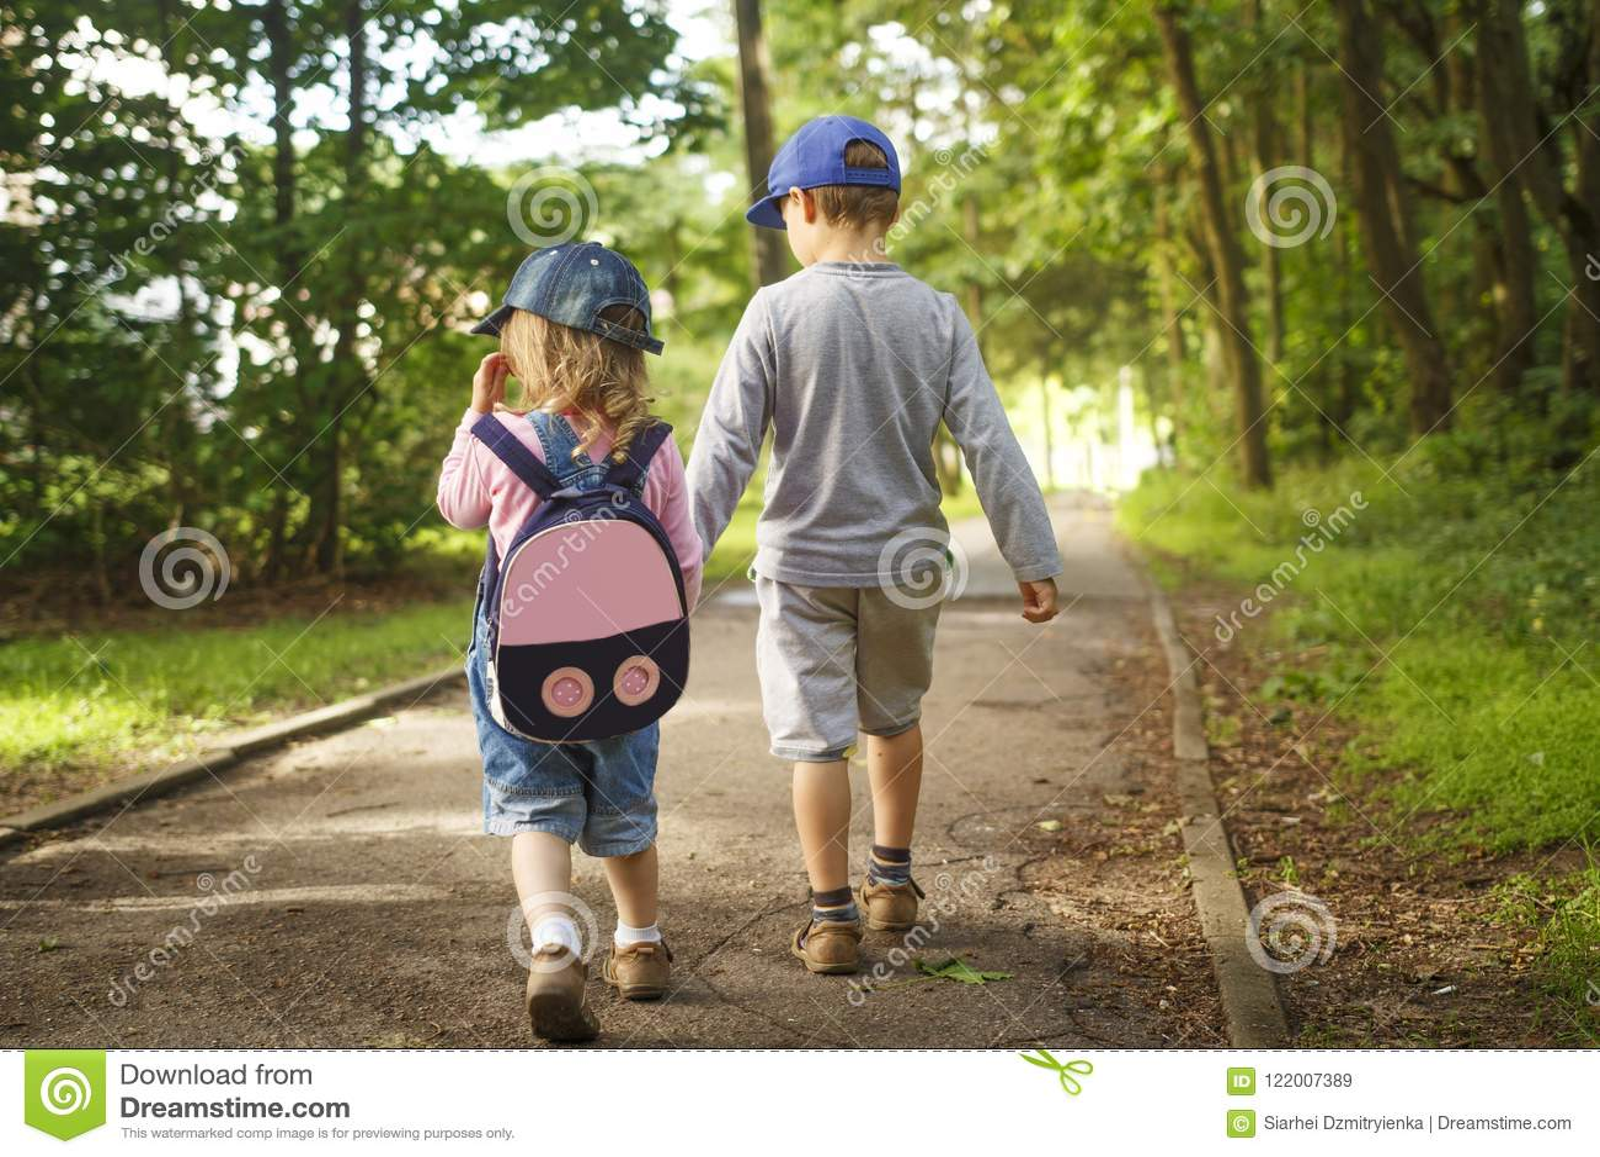 Små vänbarn rymmer händer och promenerar banan parkerar in på sommardag pojken och flickan går in parkerar utomhus